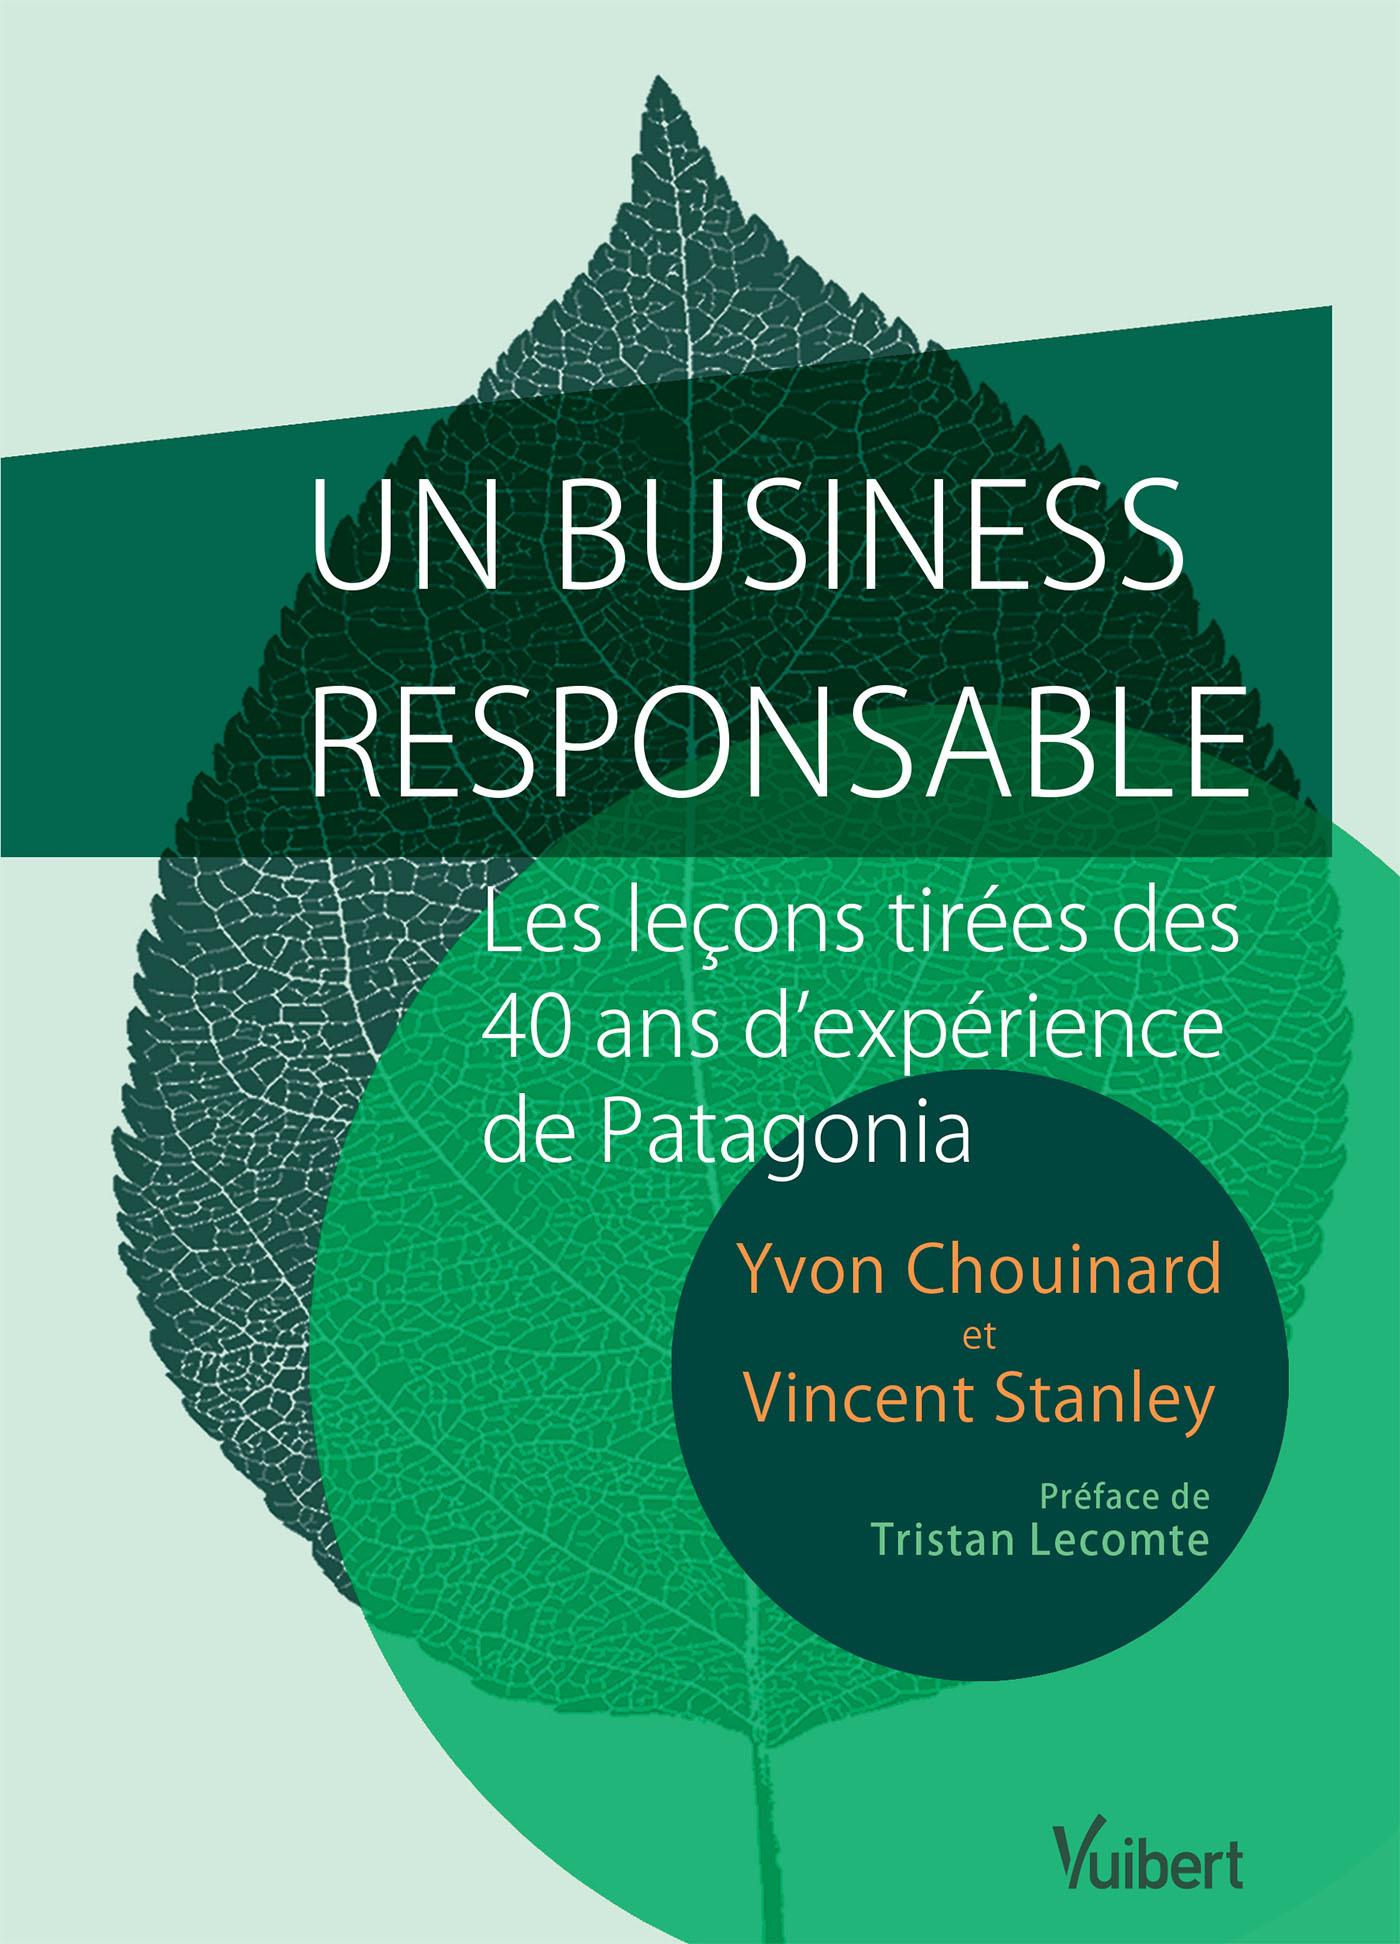 BUSINESS RESPONSABLE ? (UN)